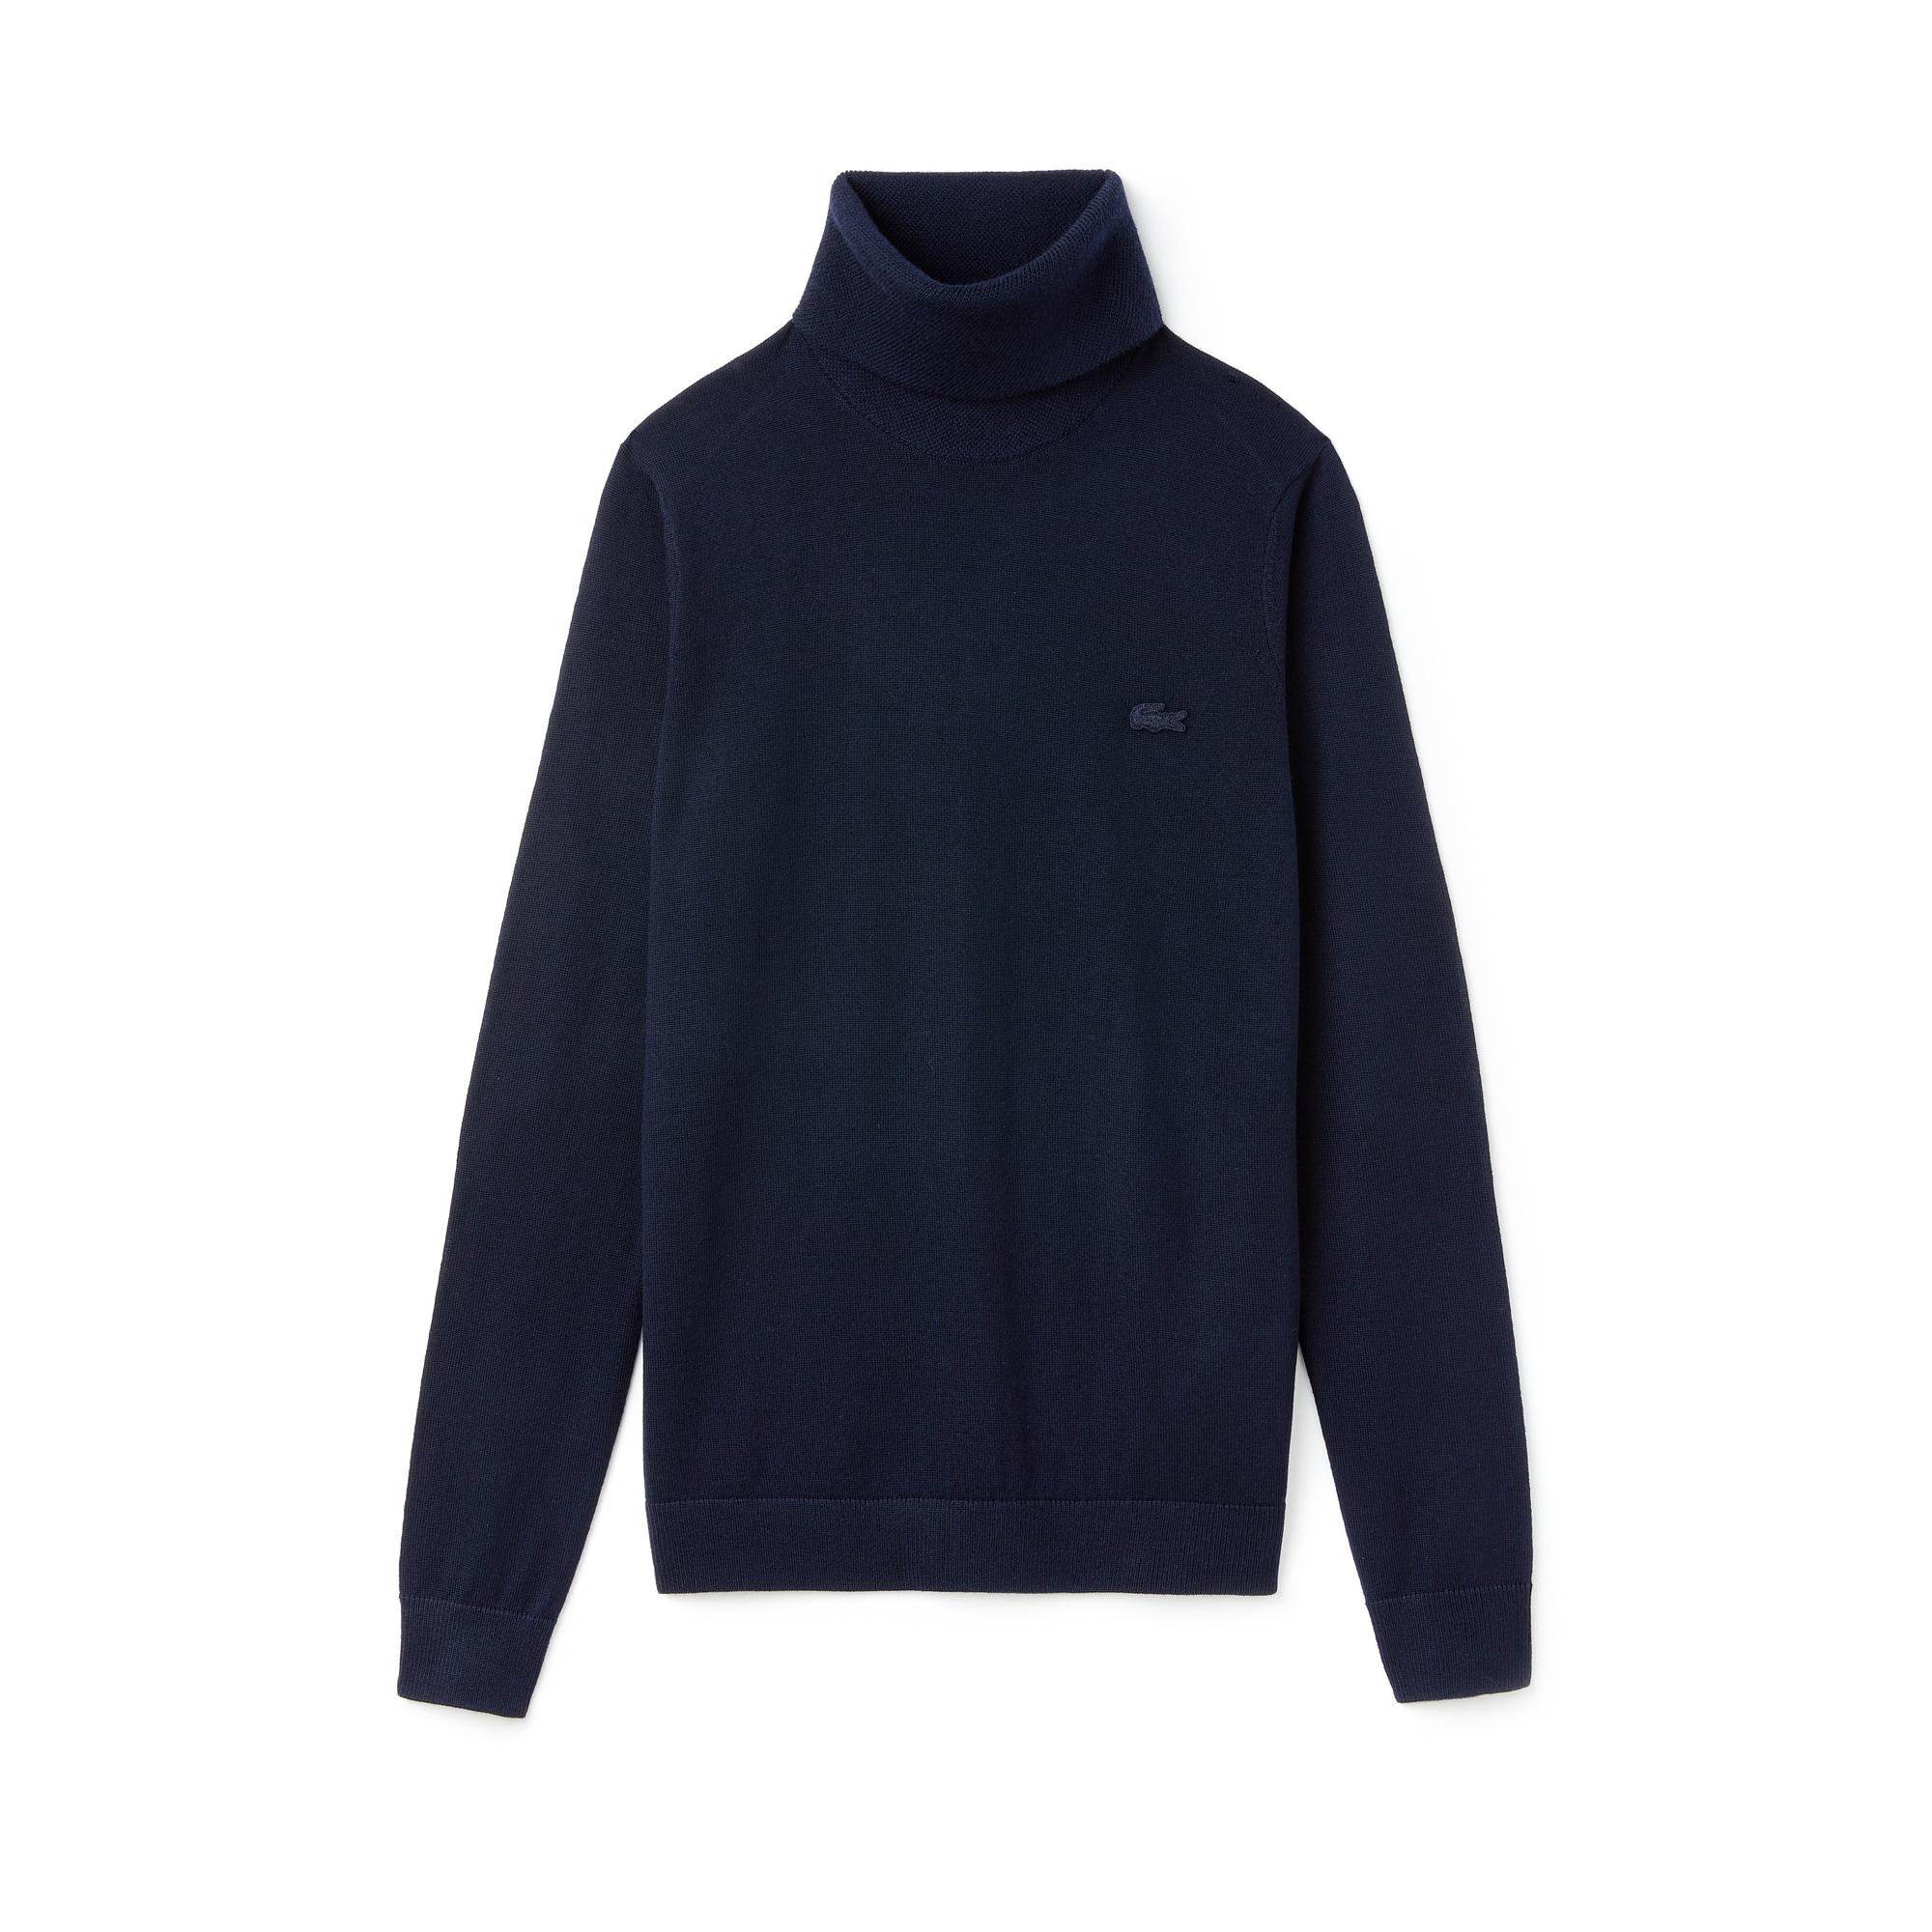 Women's Turtleneck Wool Jersey Sweater